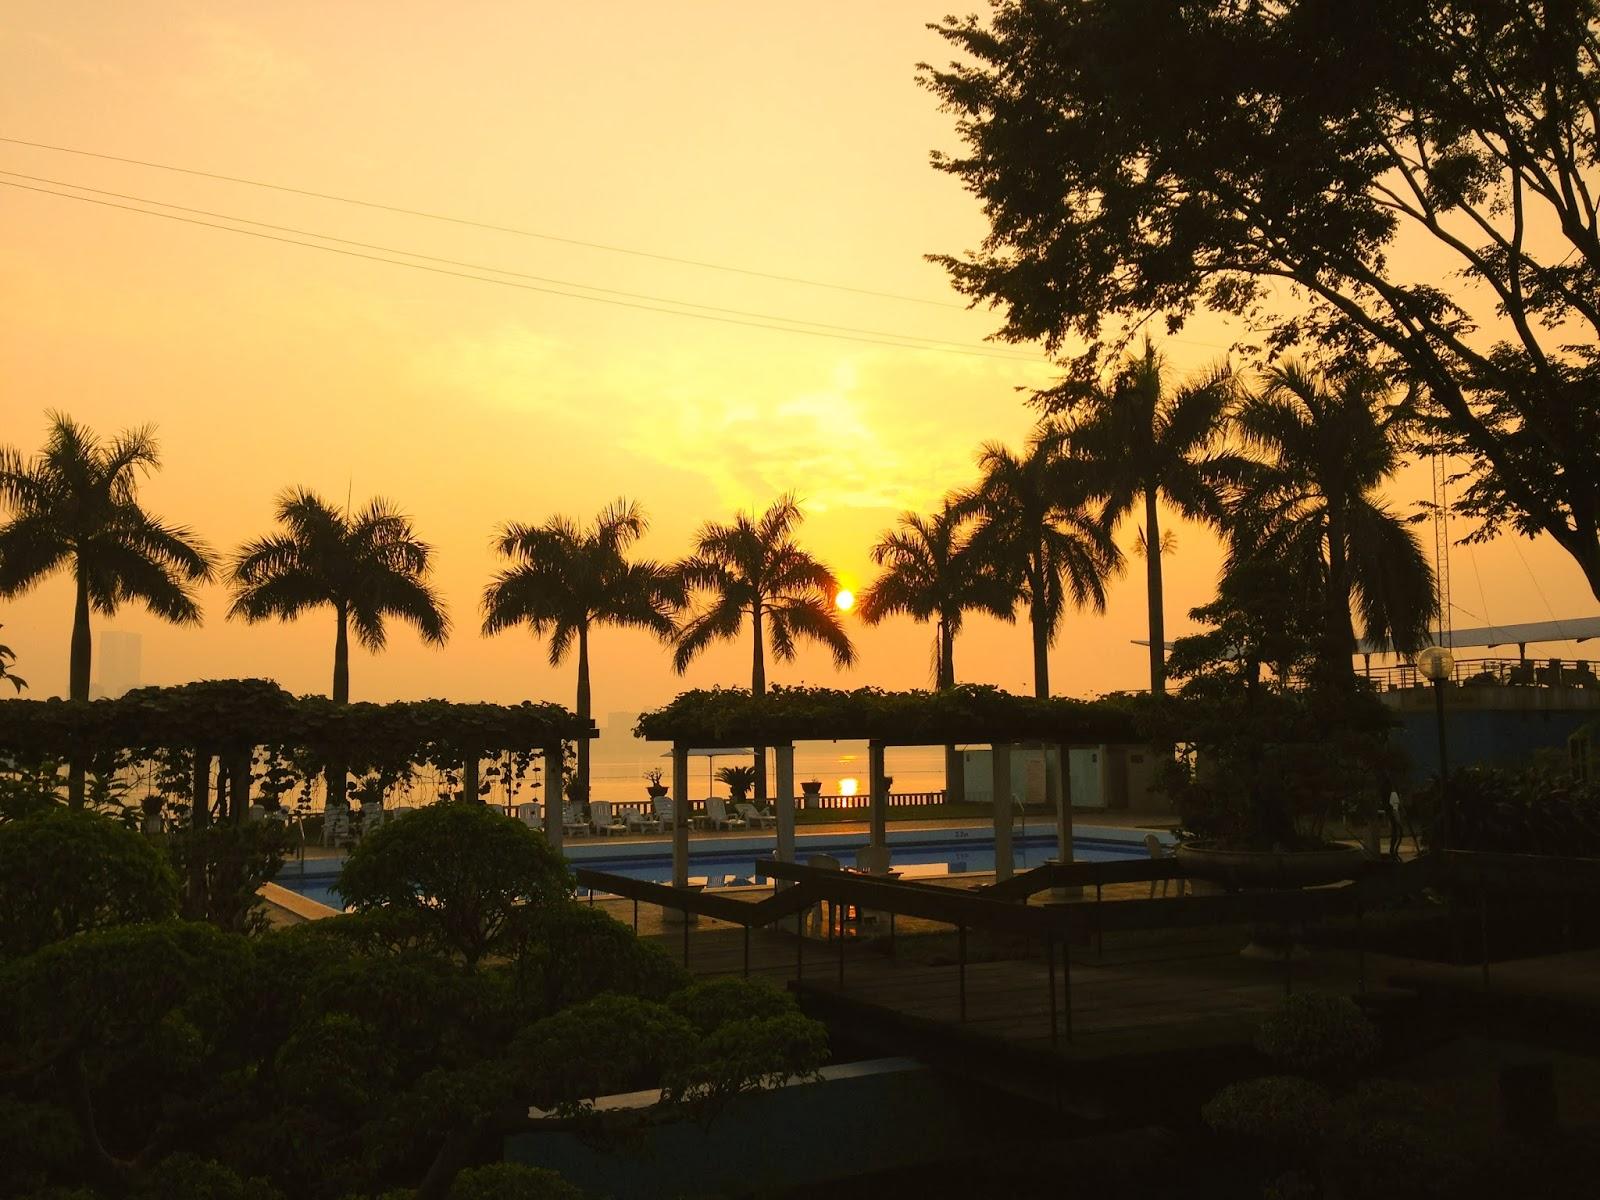 sunset-vietnam ベトナムの夕日